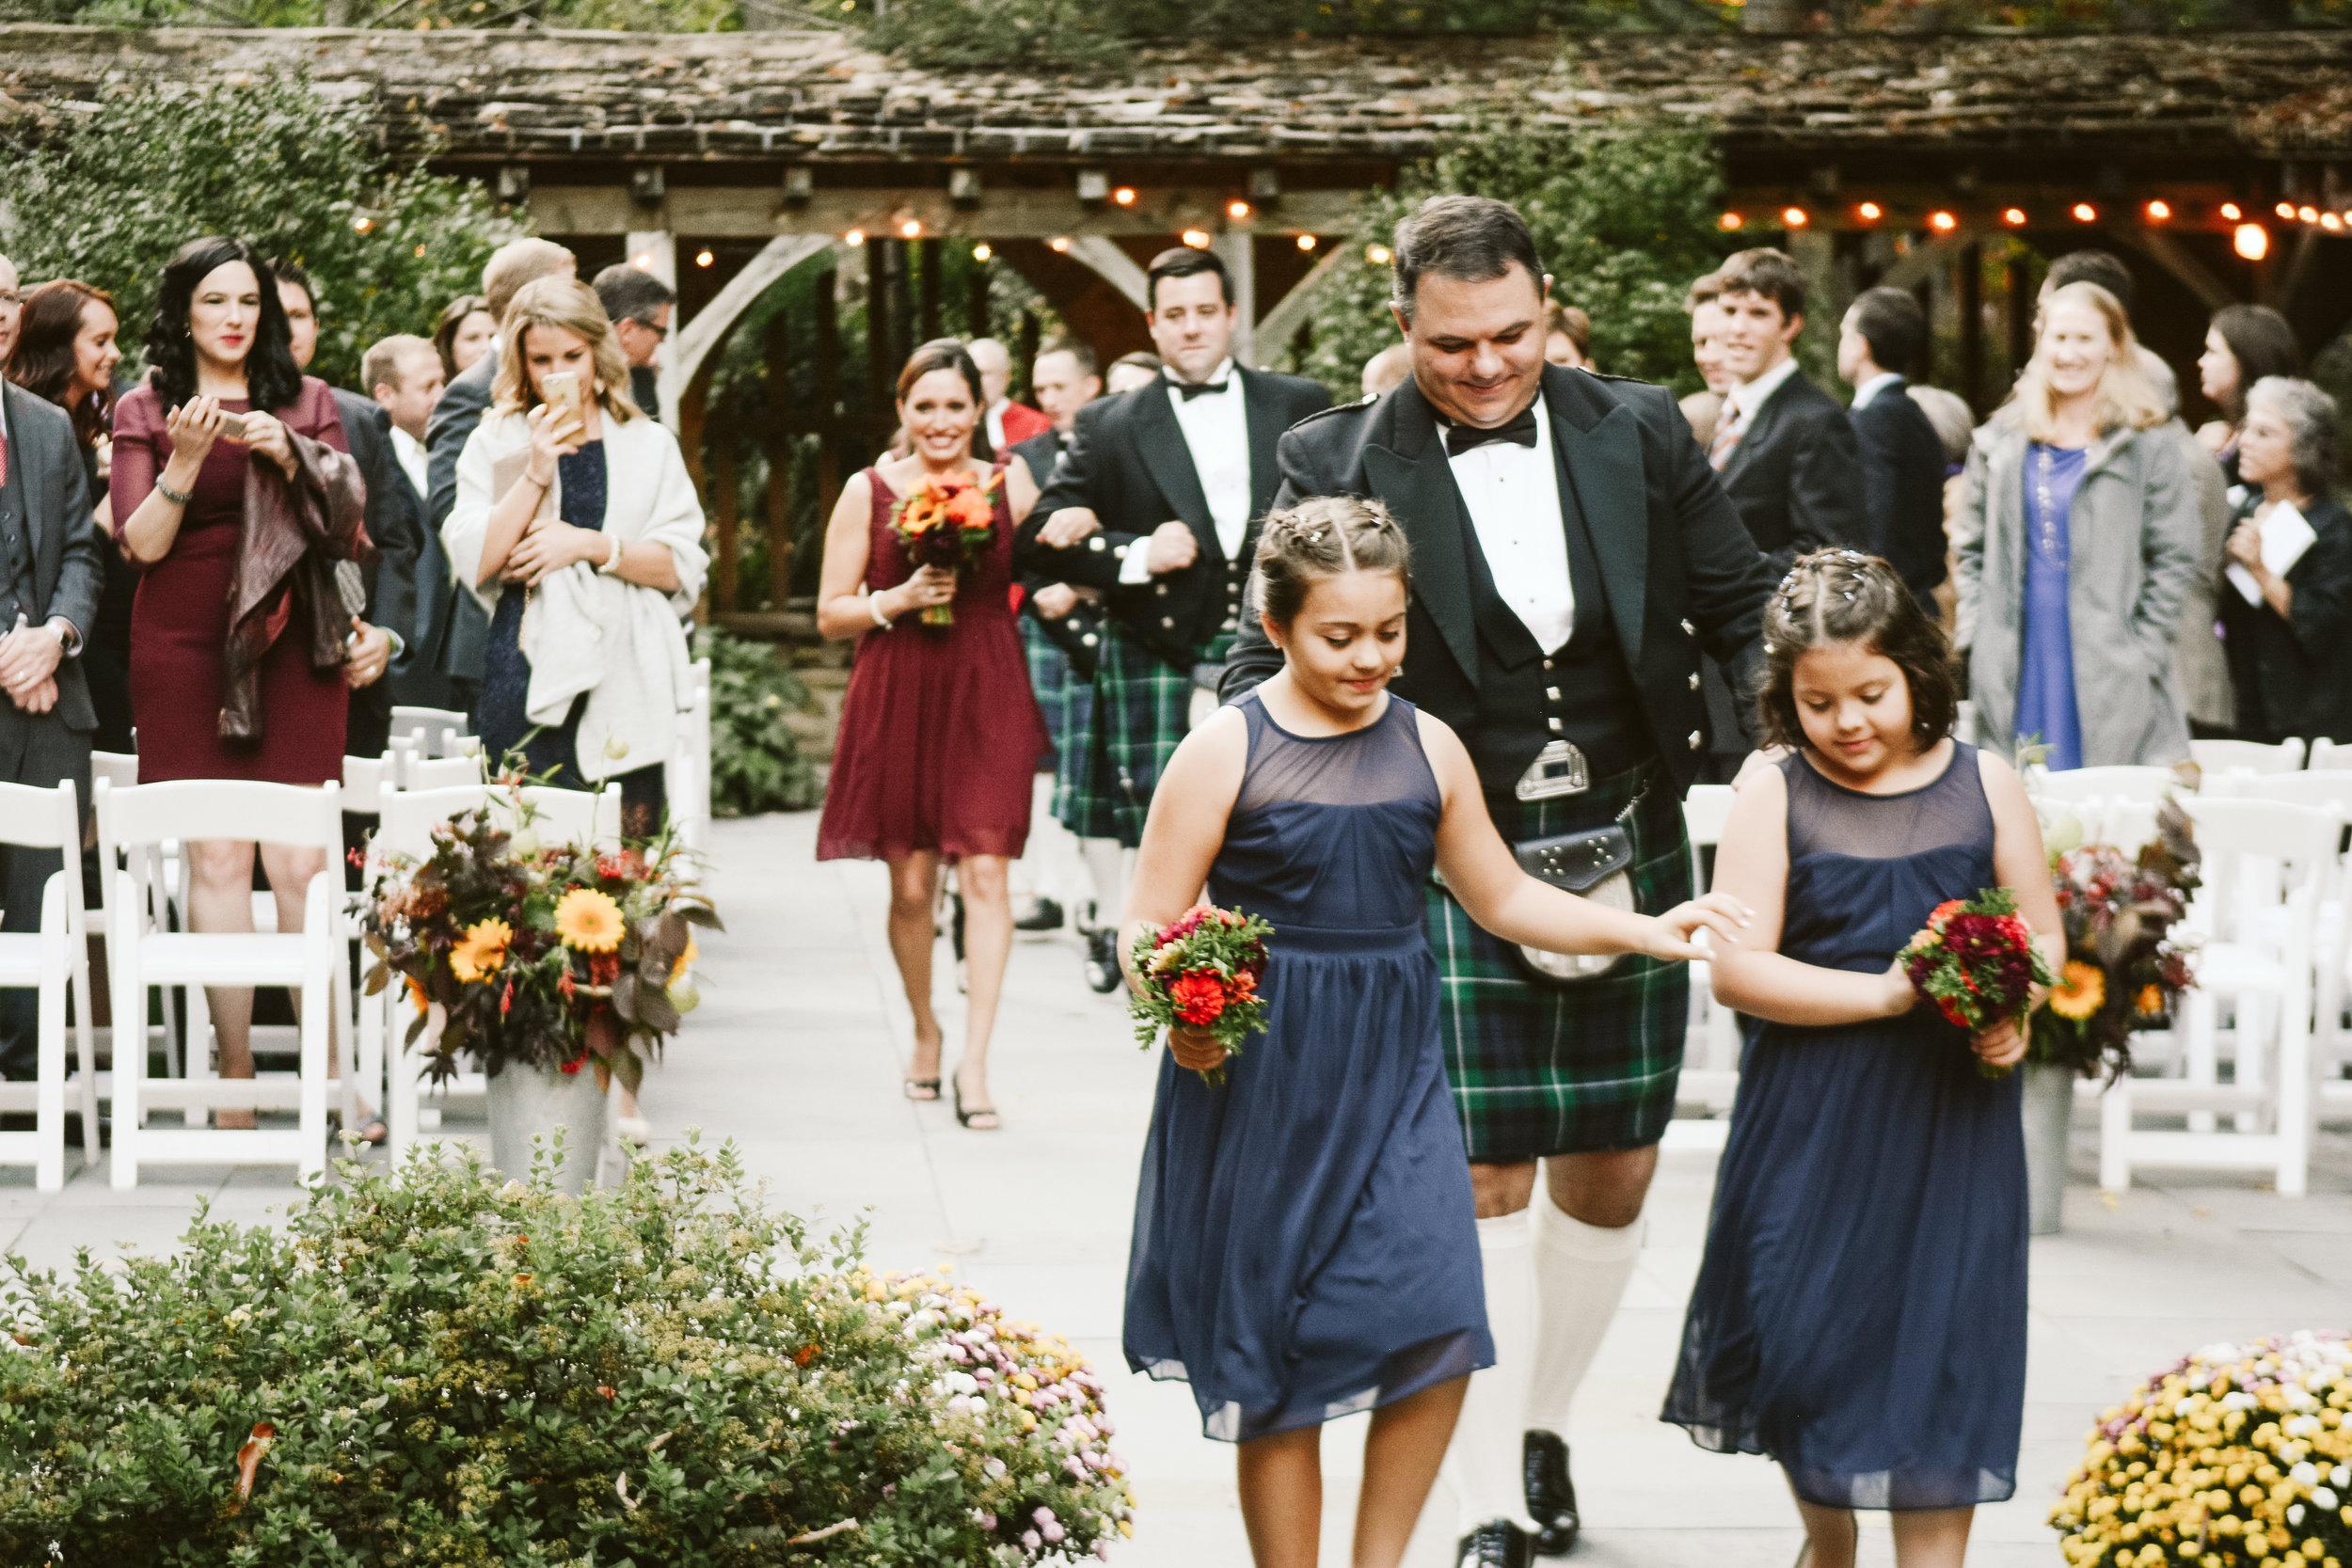 adrienne and greg's wedding 2018 edits-52.jpg